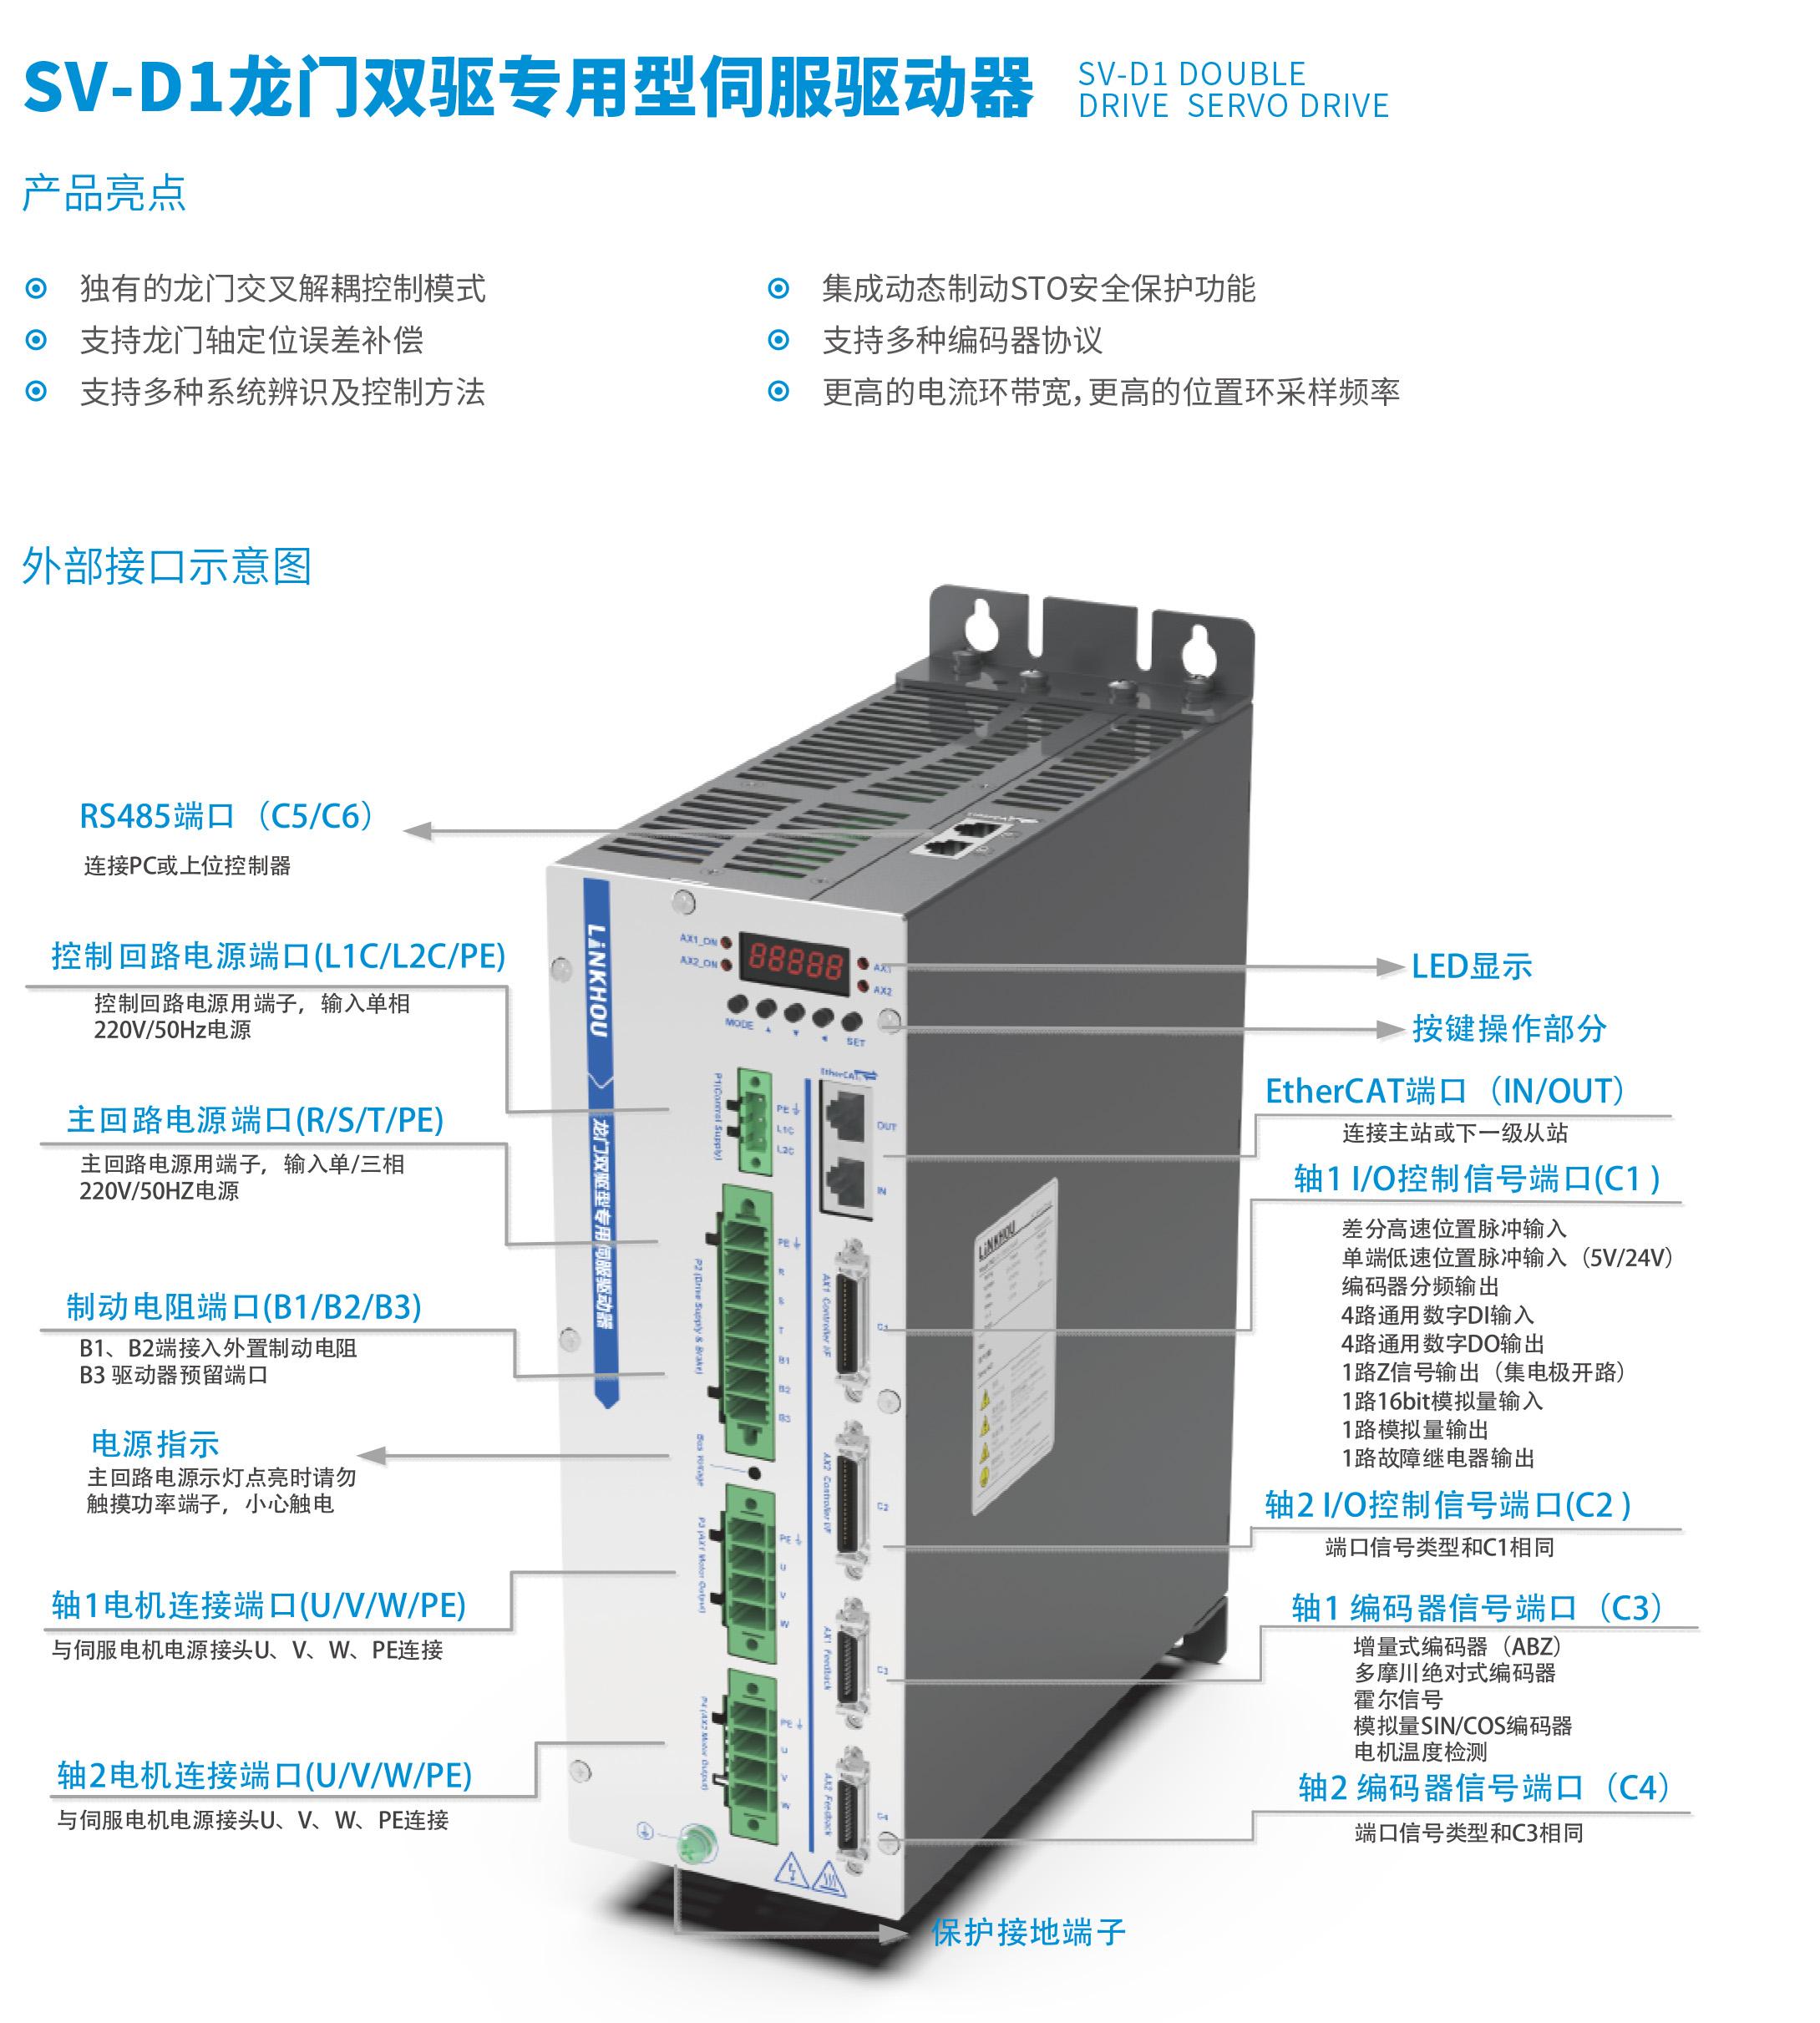 灵猴 SV-D1龙门双驱专用型伺服驱动器.jpg